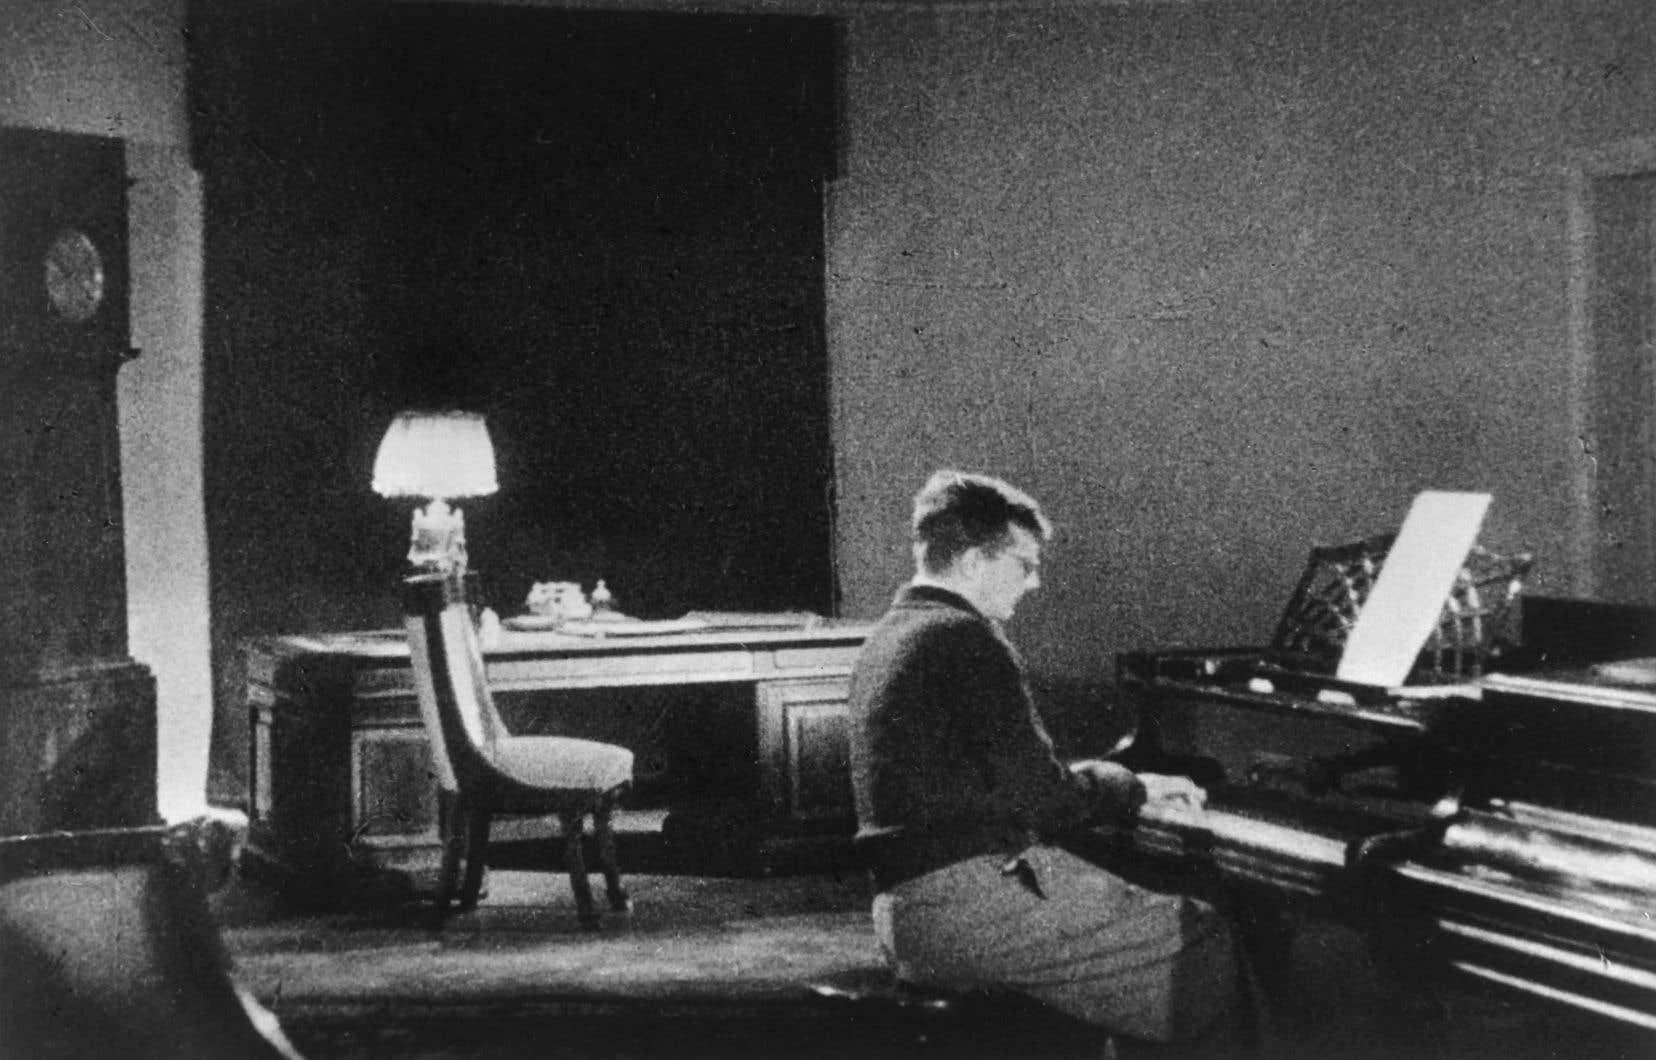 Une photographie de Dmitri Chostakovitch travaillant sur sa fameuse «7e Symphonie» composée en décembre 1941, alors qu'il était évacué à Kouïbychev.